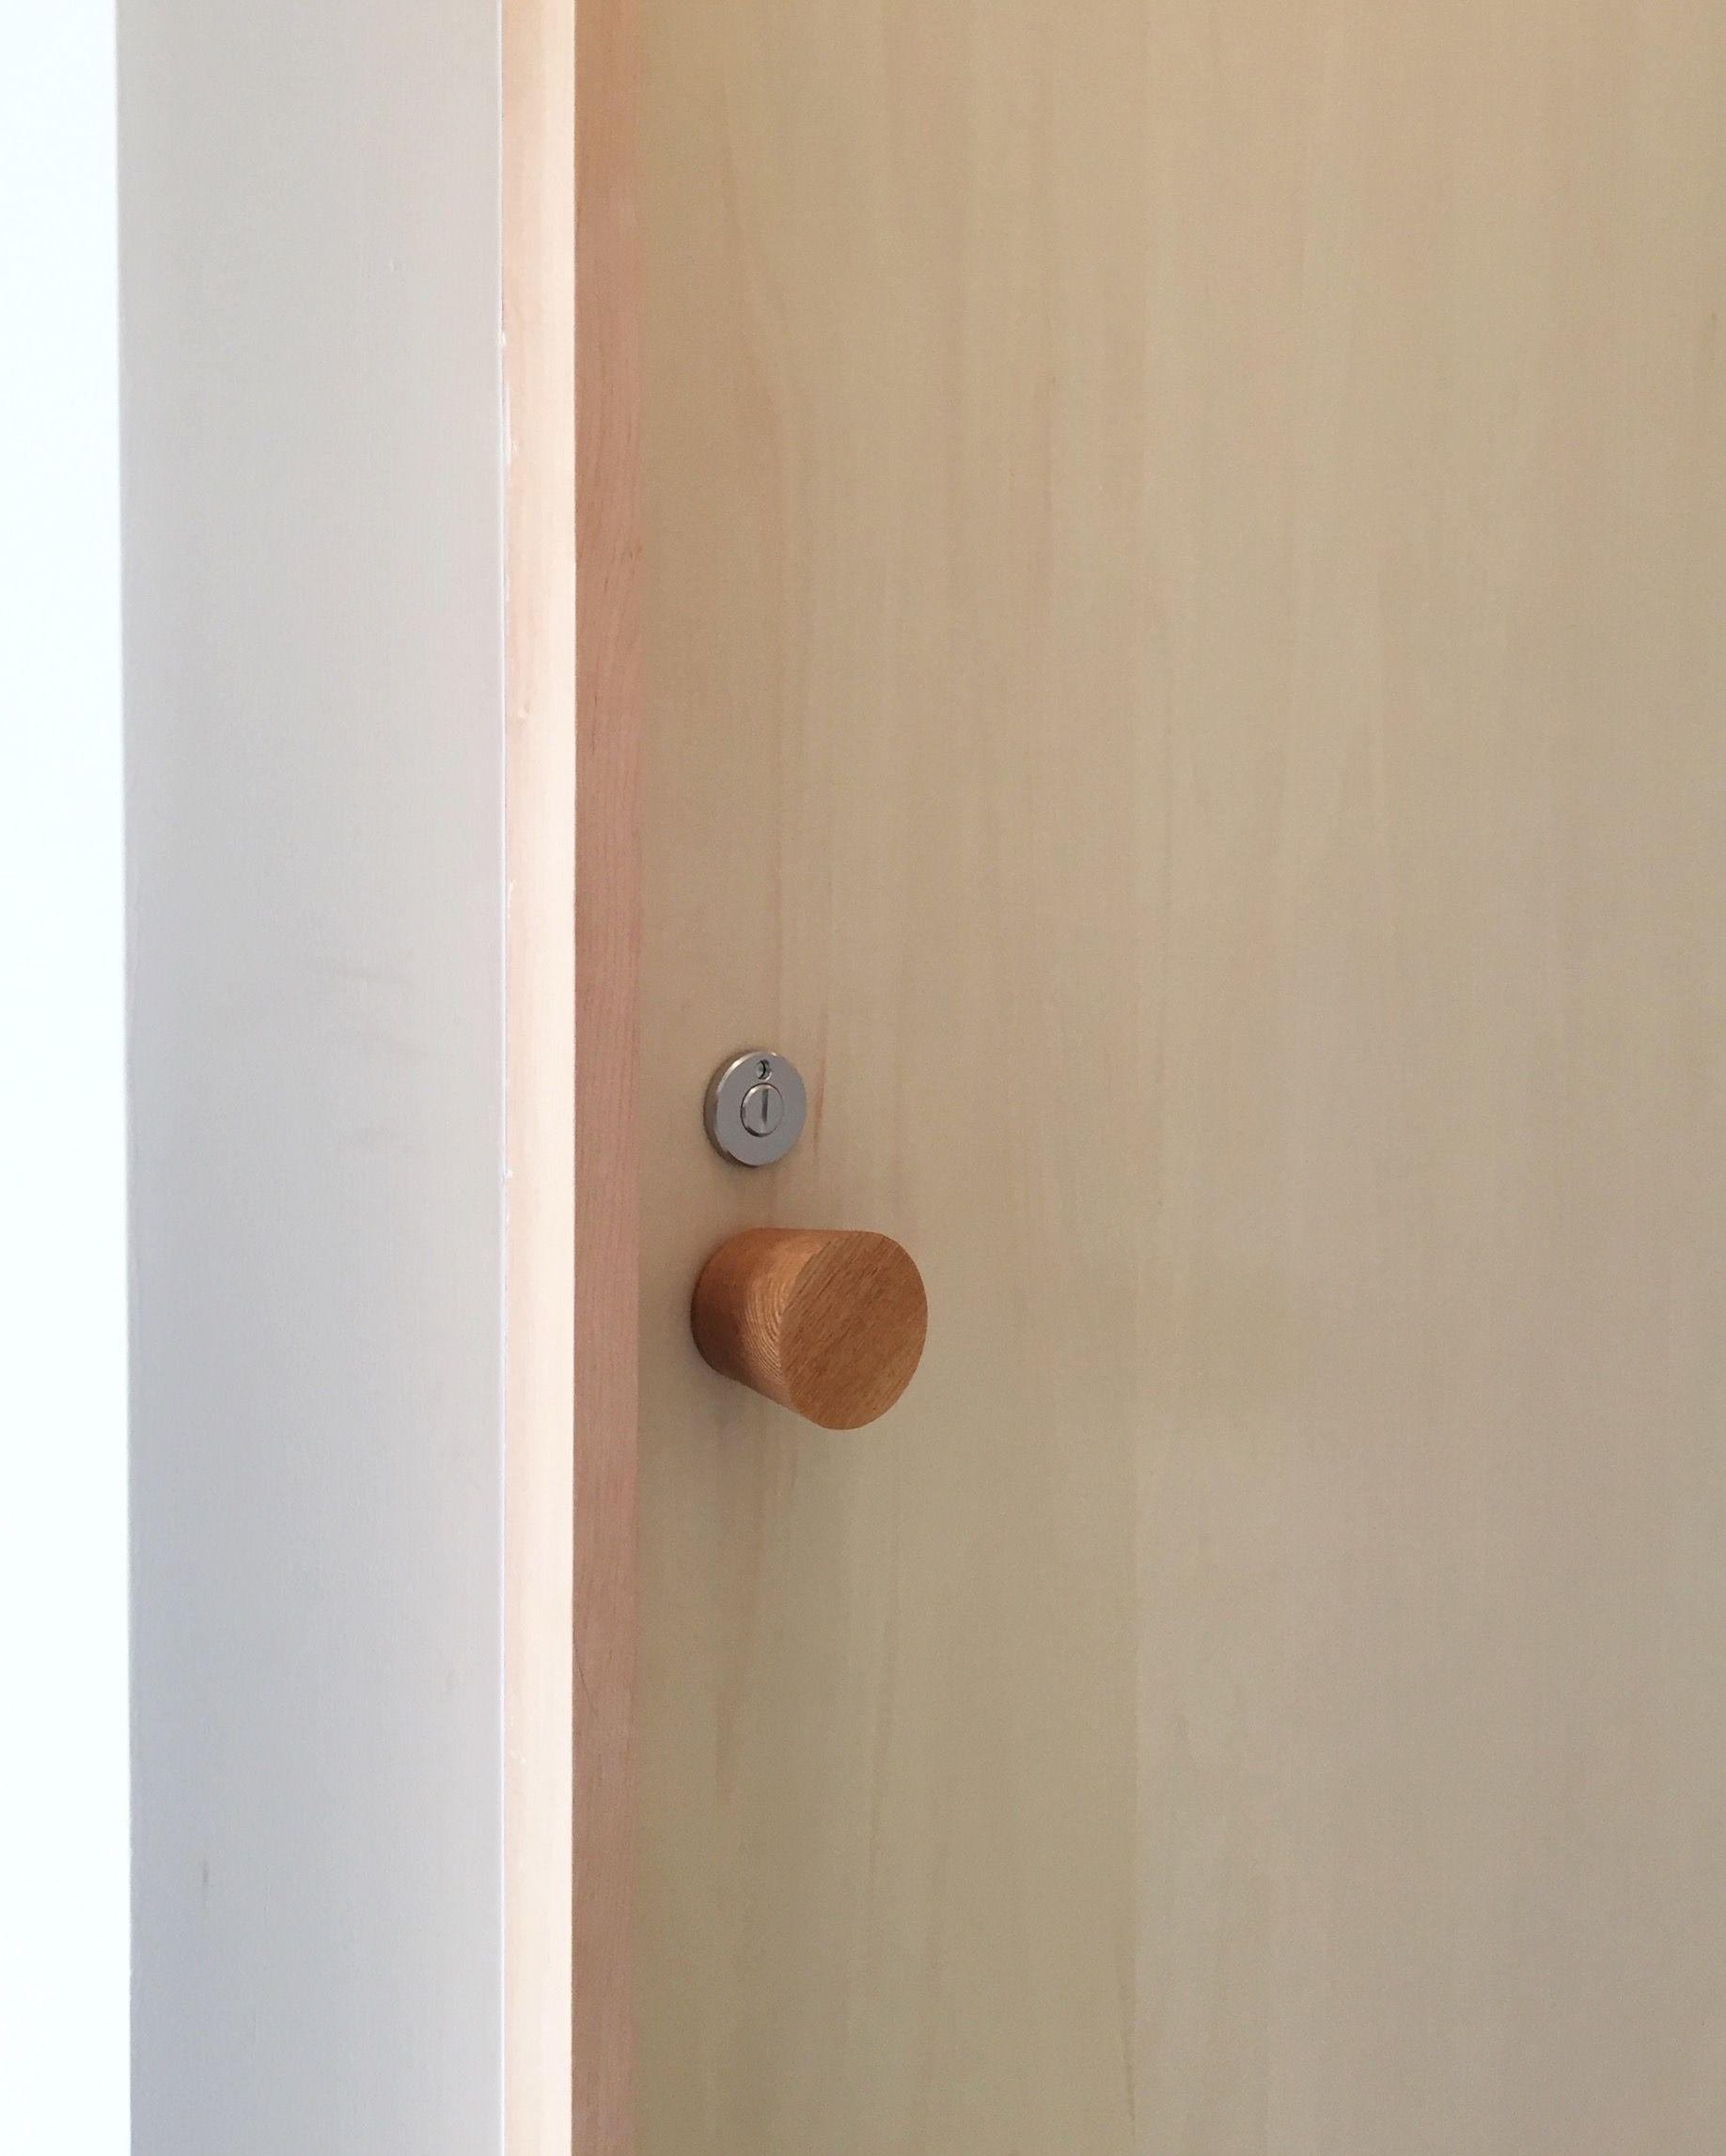 木のドアノブ 表示錠付きにしてトイレ扉にも使えます ドアノブ ノブ ドア